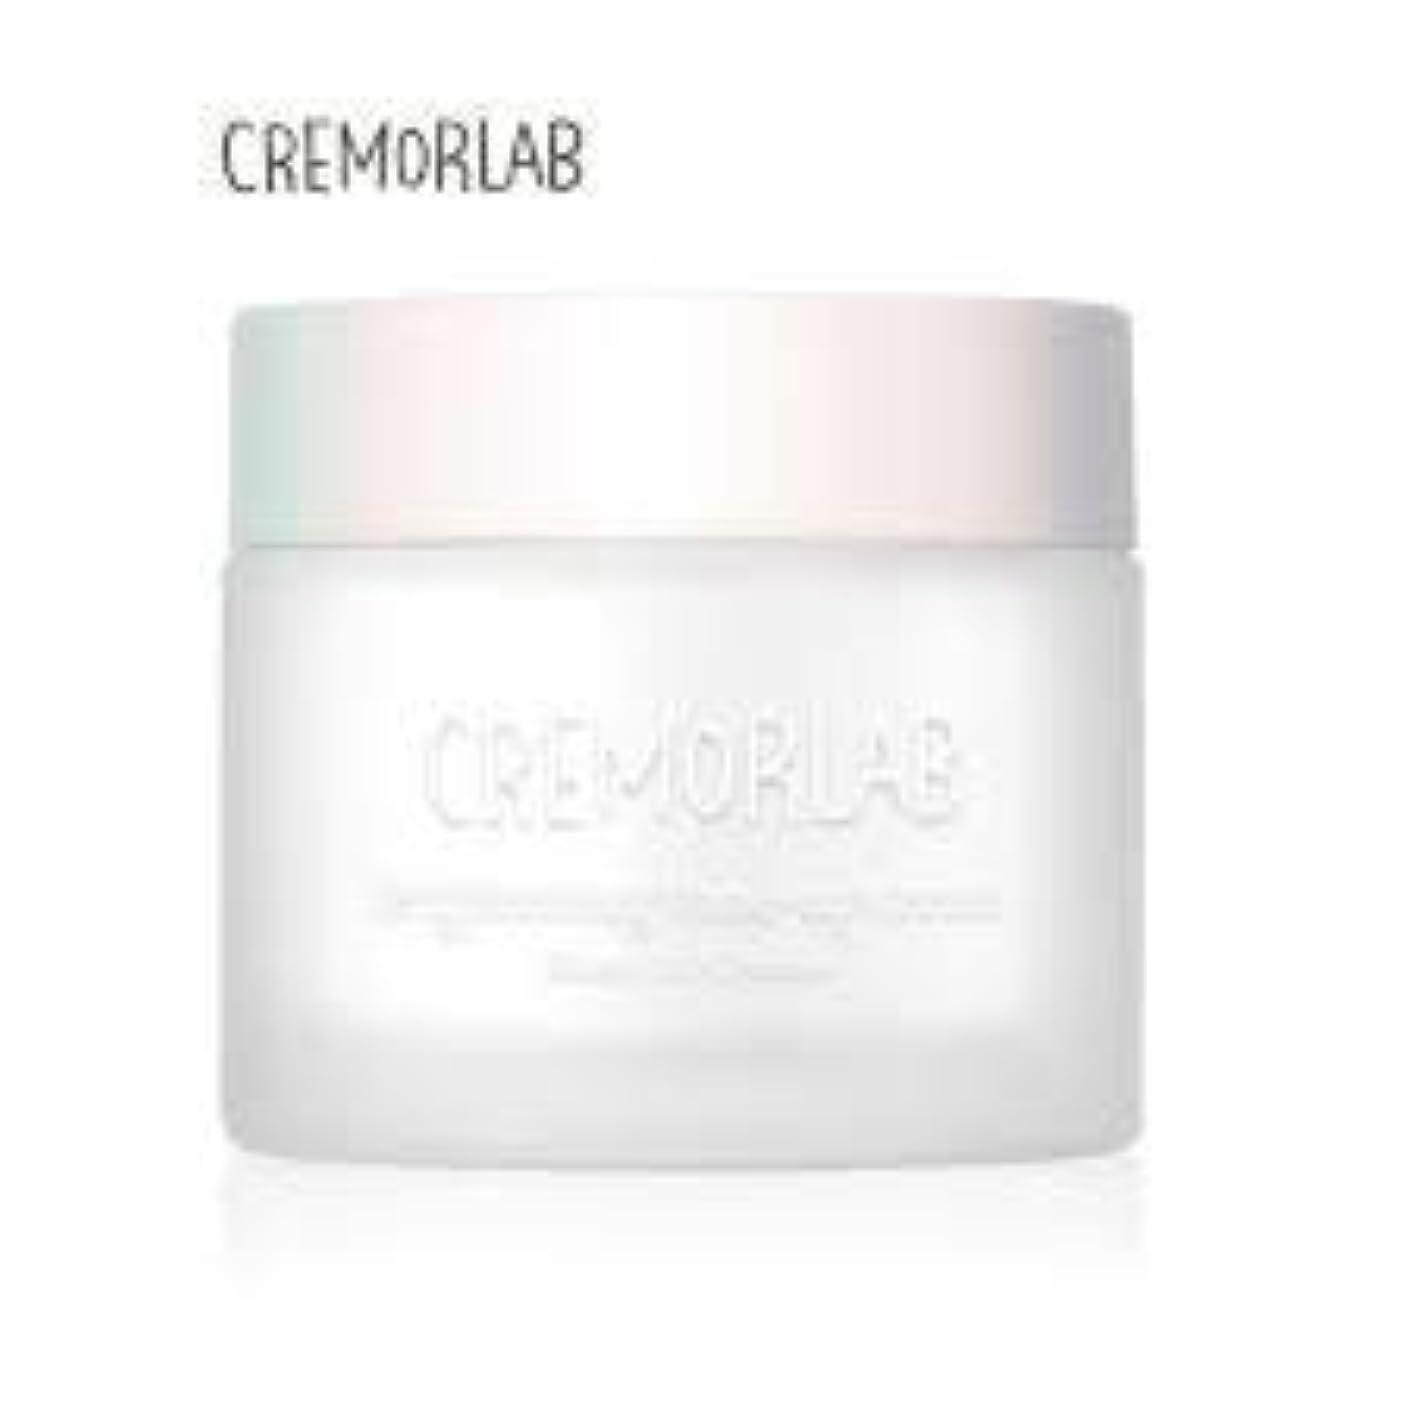 合併症波紋ペリスコープCREMORLAB ブランドクレマーブライトニングクリーム50ml - 肌のトーンを洗練させ、透明度を高め、肌の色を明るくします。